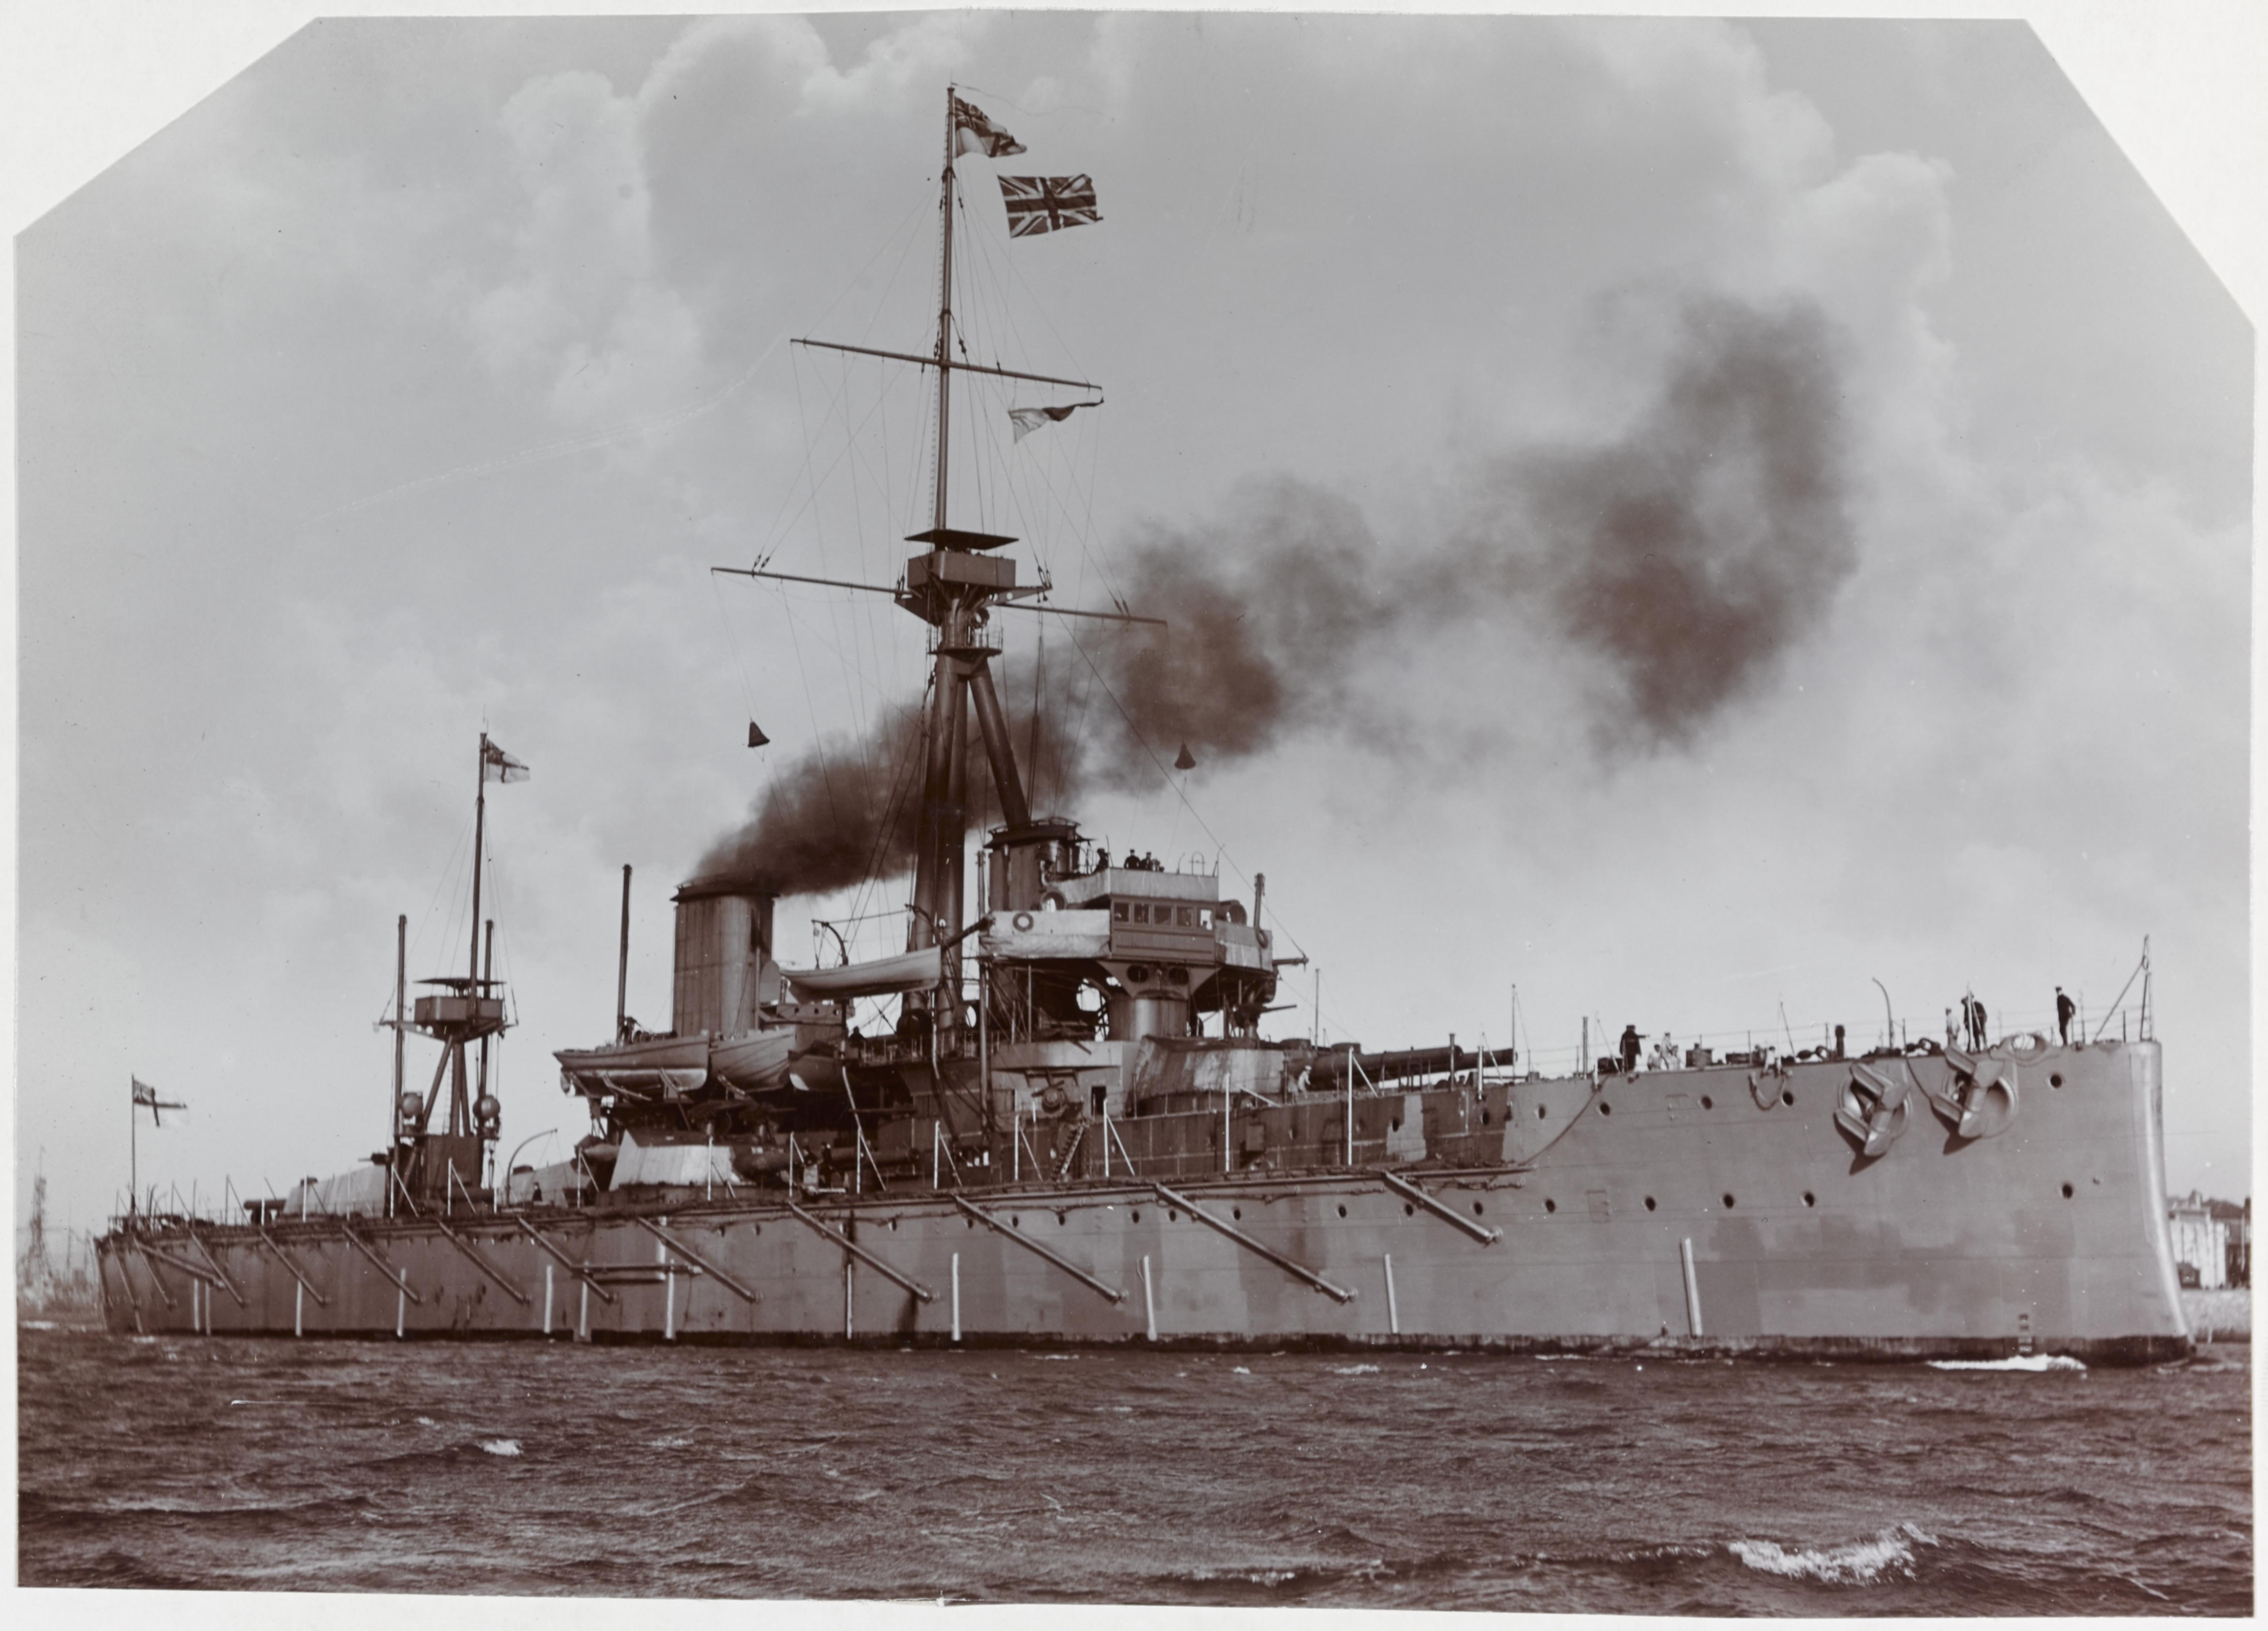 File:HMS Dreadnought 1906.jpg